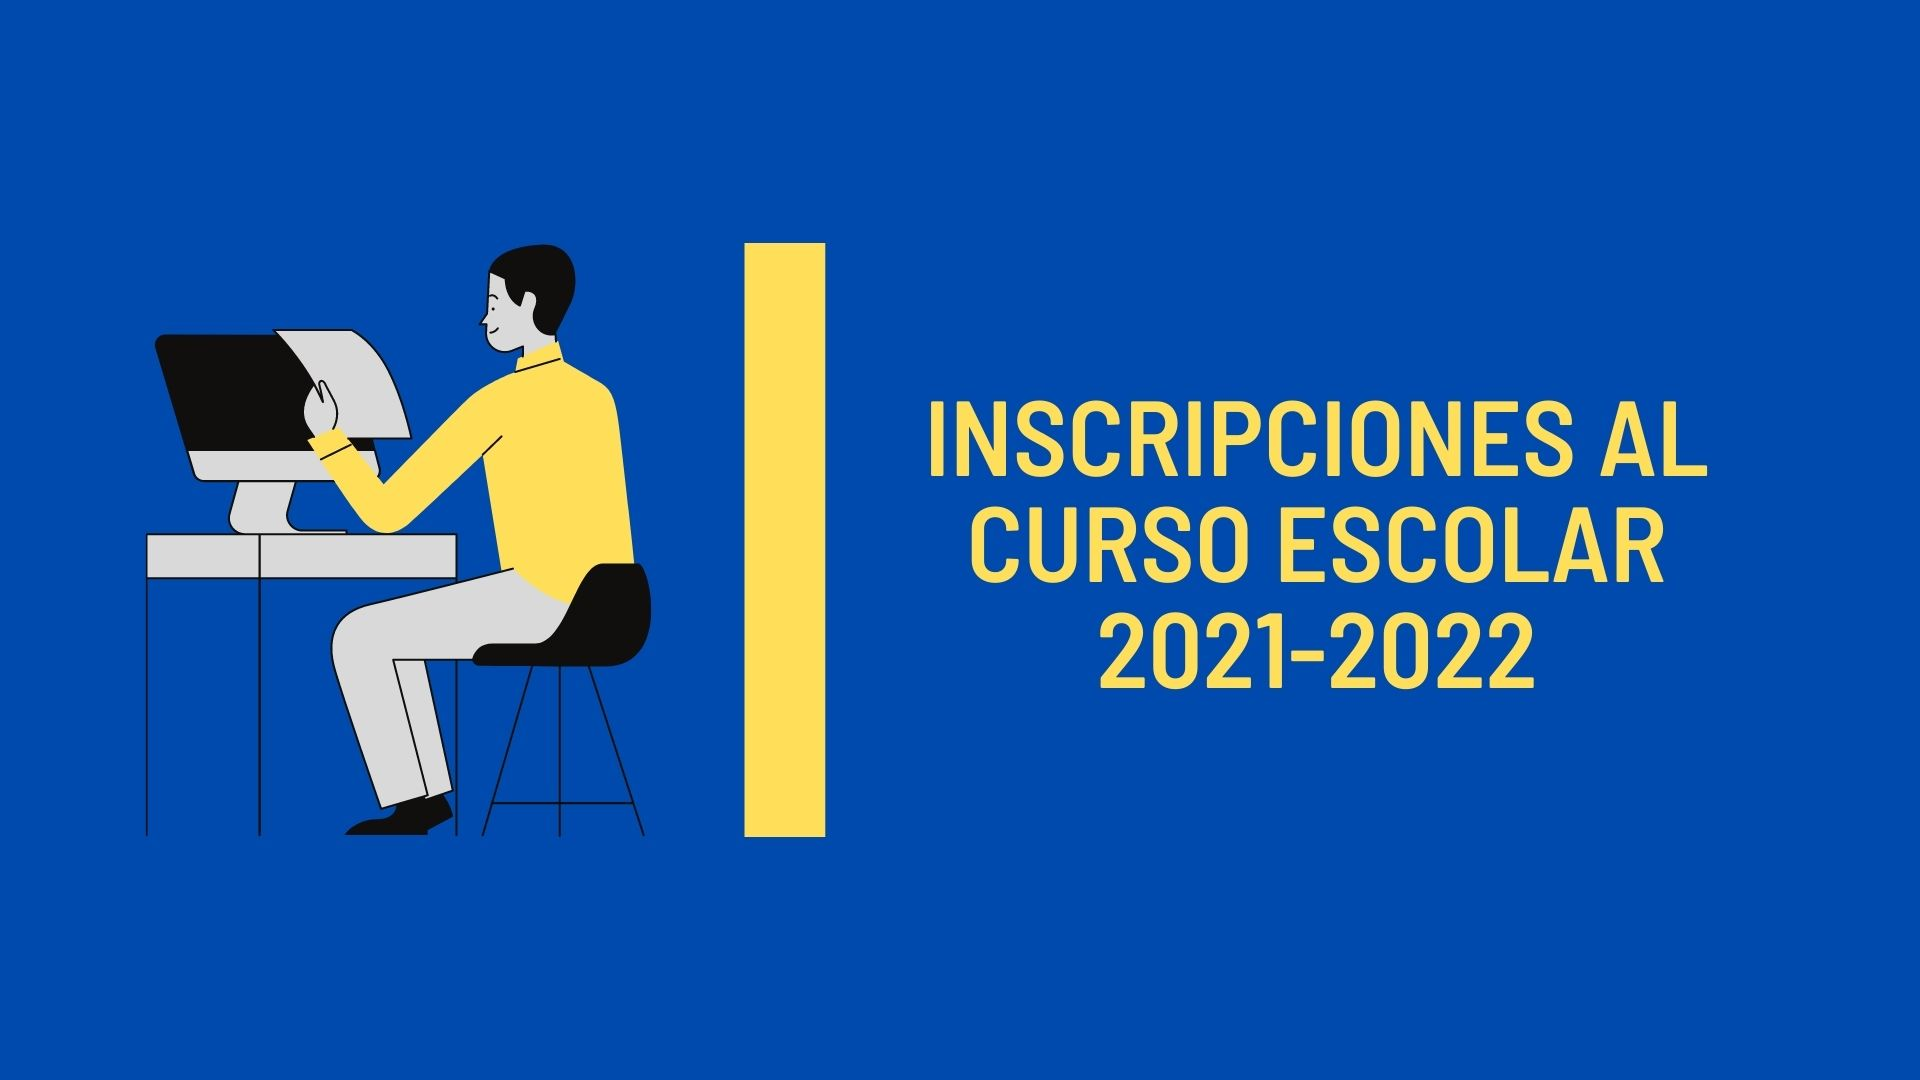 Inscripción al Curso Escolar 2021-2022